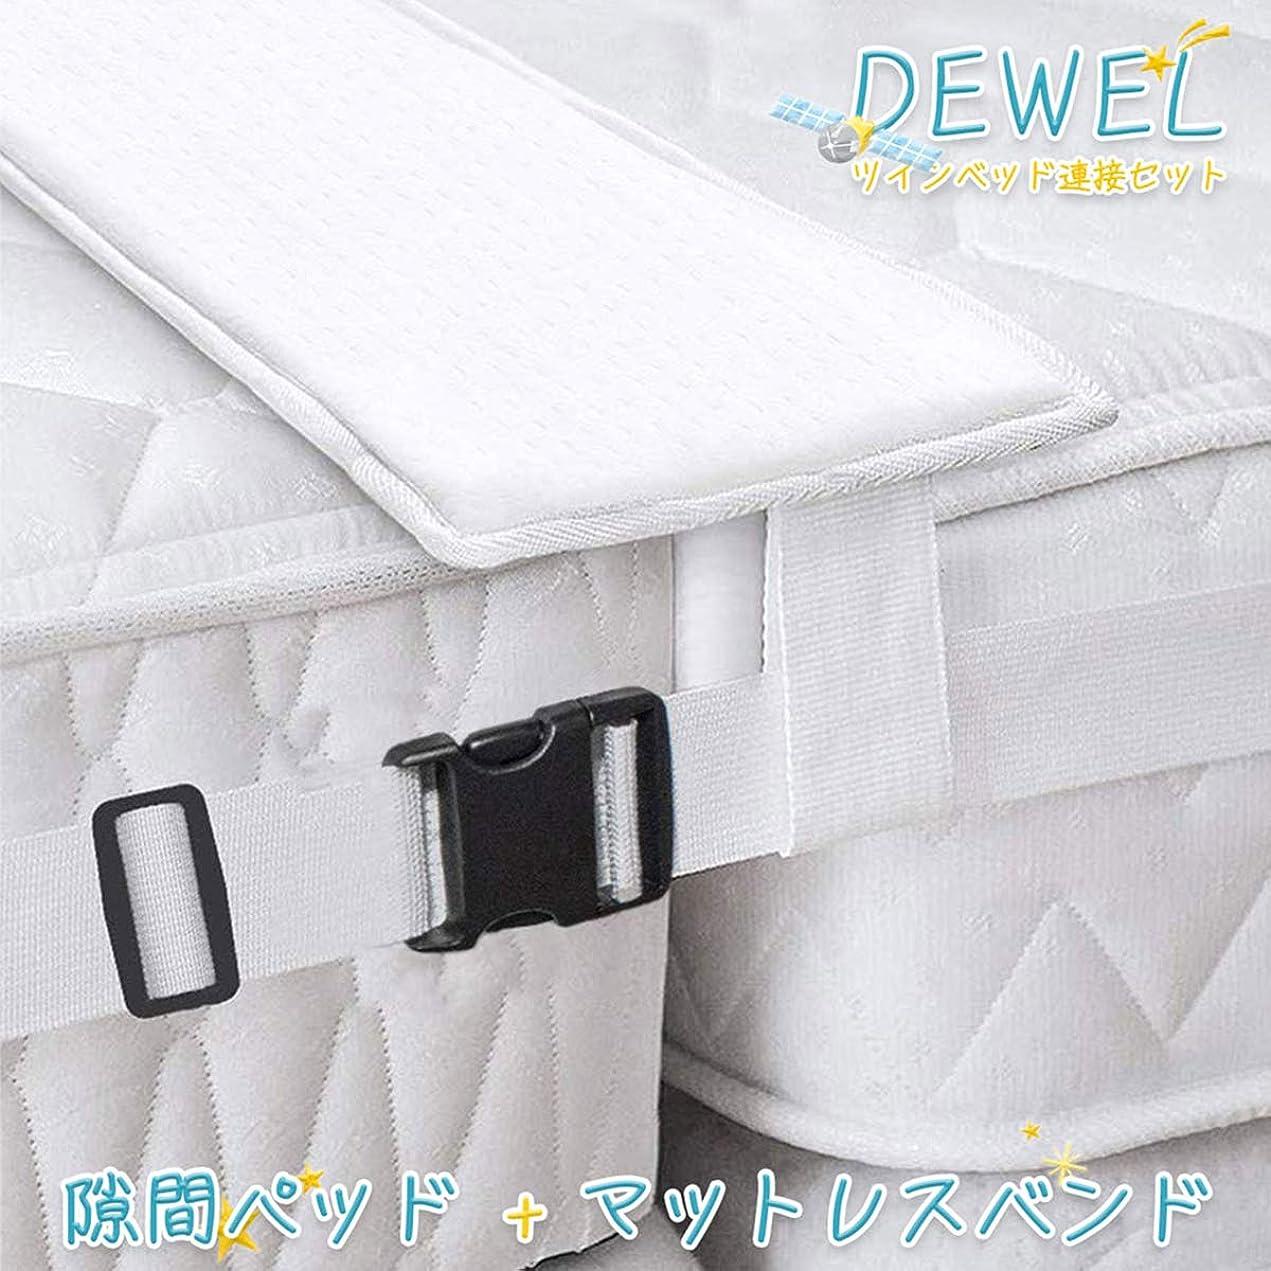 エンゲージメント適度な宿題をするDEWEL ベッド すきまパッド マットレスバンド ベルト 2点セット ベッドバンド 固定 連結 マットレス用隙間パッド ベッド ズレ防止 連結ベルト ホワイト 長さ200cm